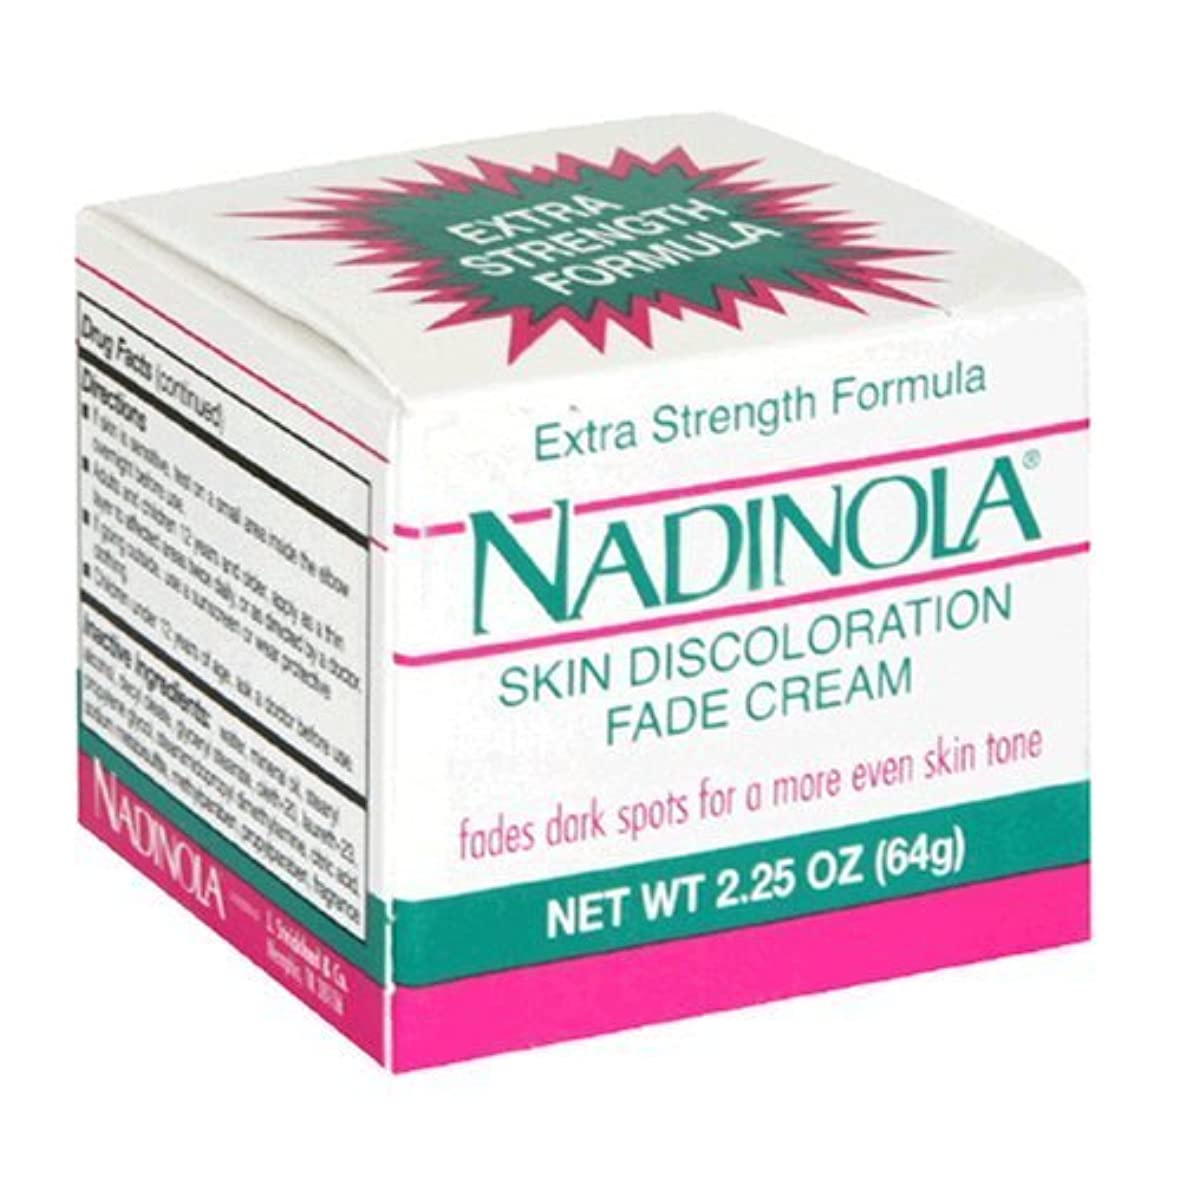 カスケード酸今晩Nadinola Discoloration Fade Cream 2.25oz Extra Strength (並行輸入品)